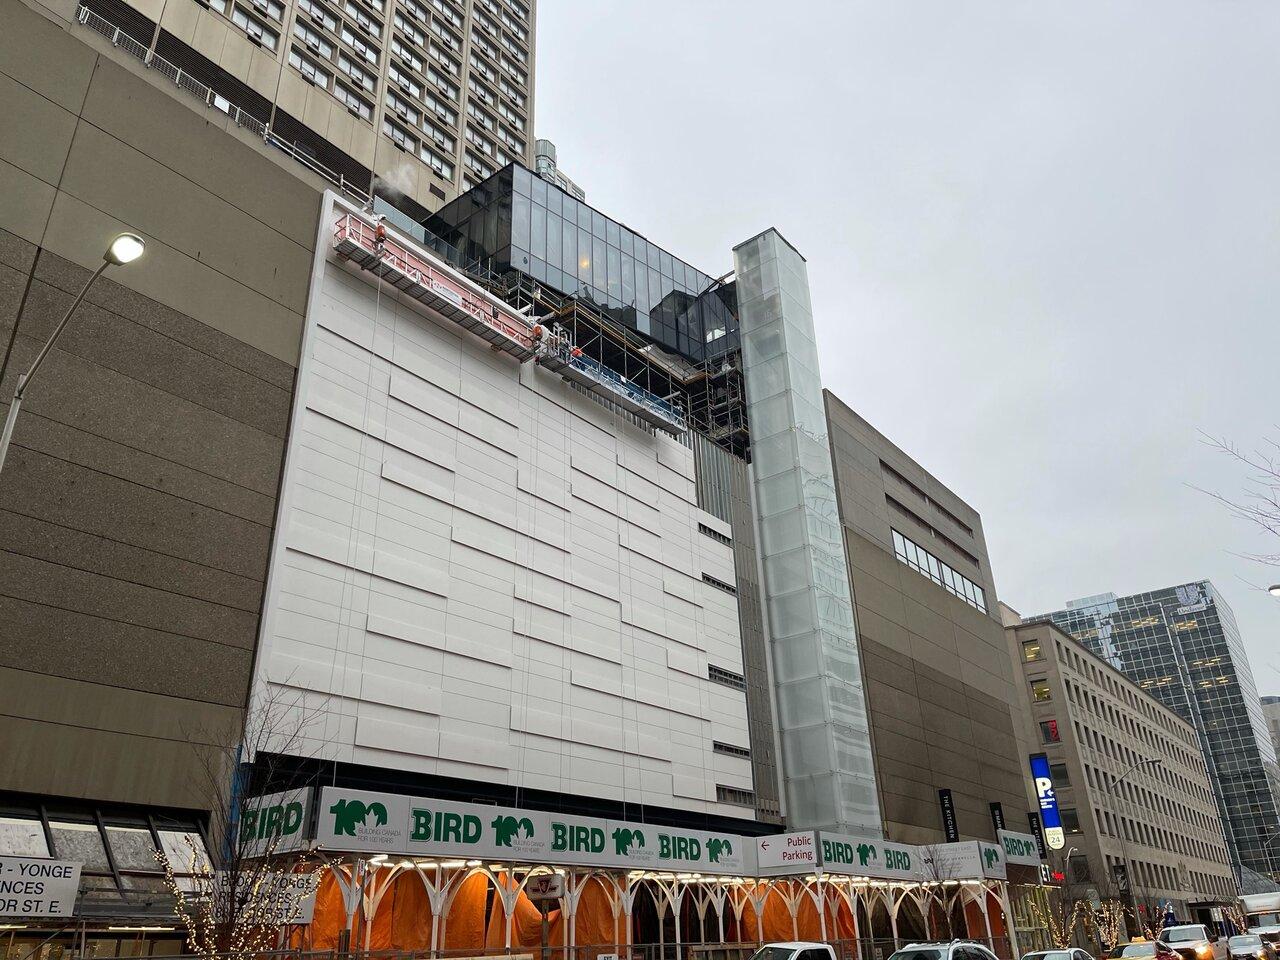 W Hotel, Toronto, Larco, architectsAlliance, Marriott